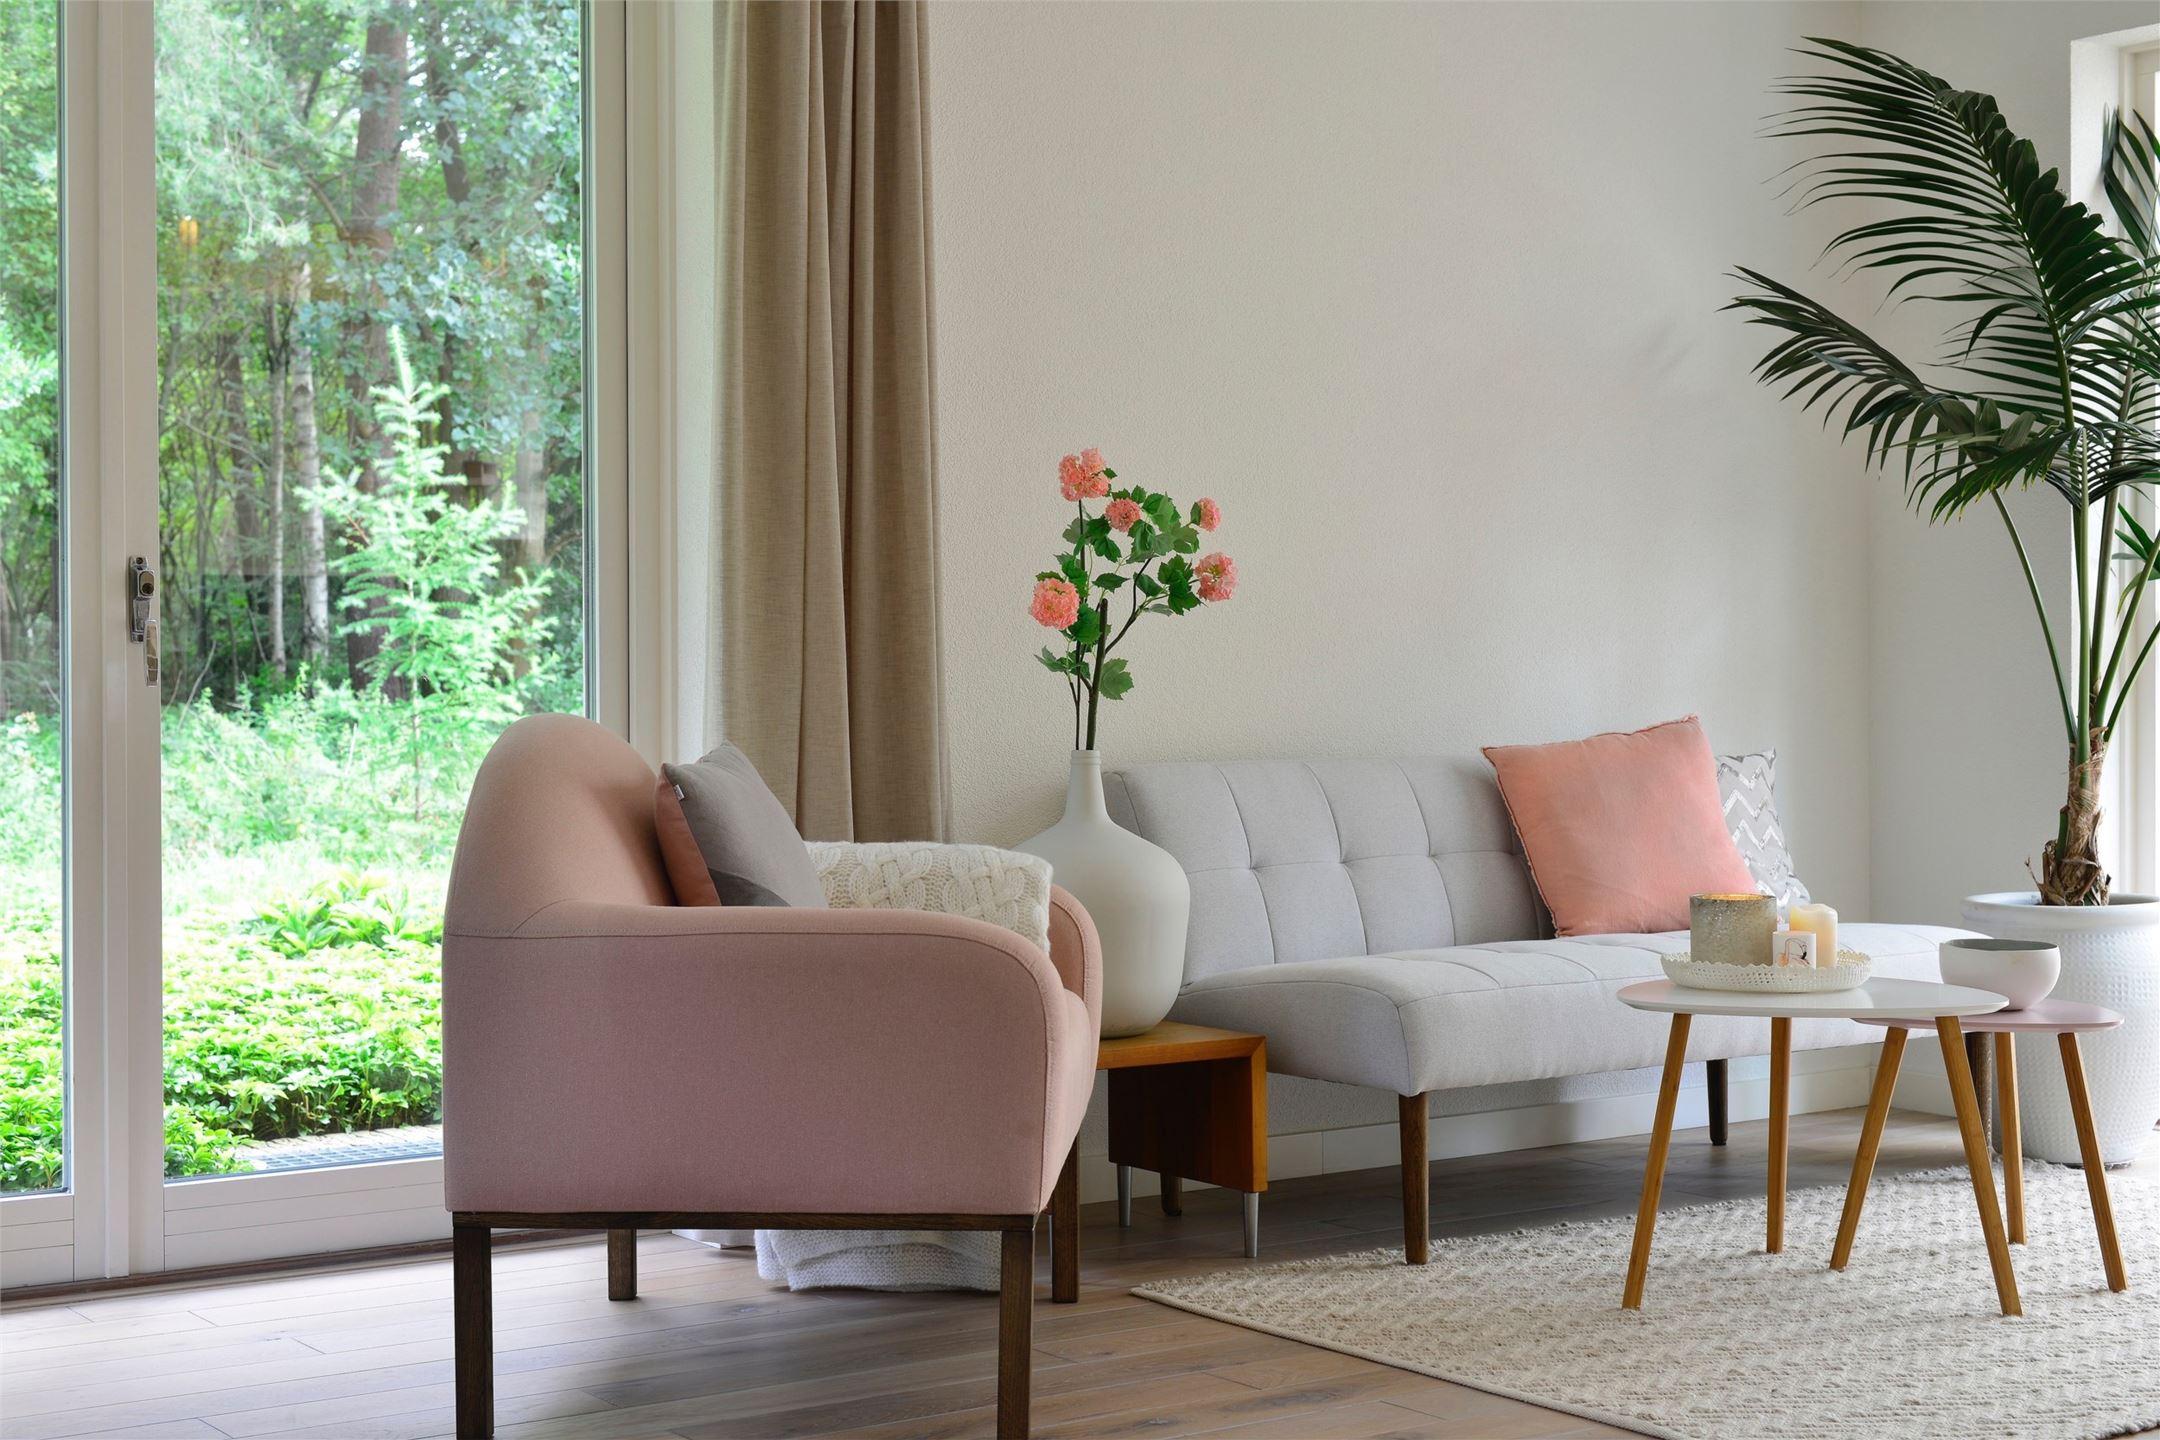 диван кресло комнатное дерево стеклянные двери